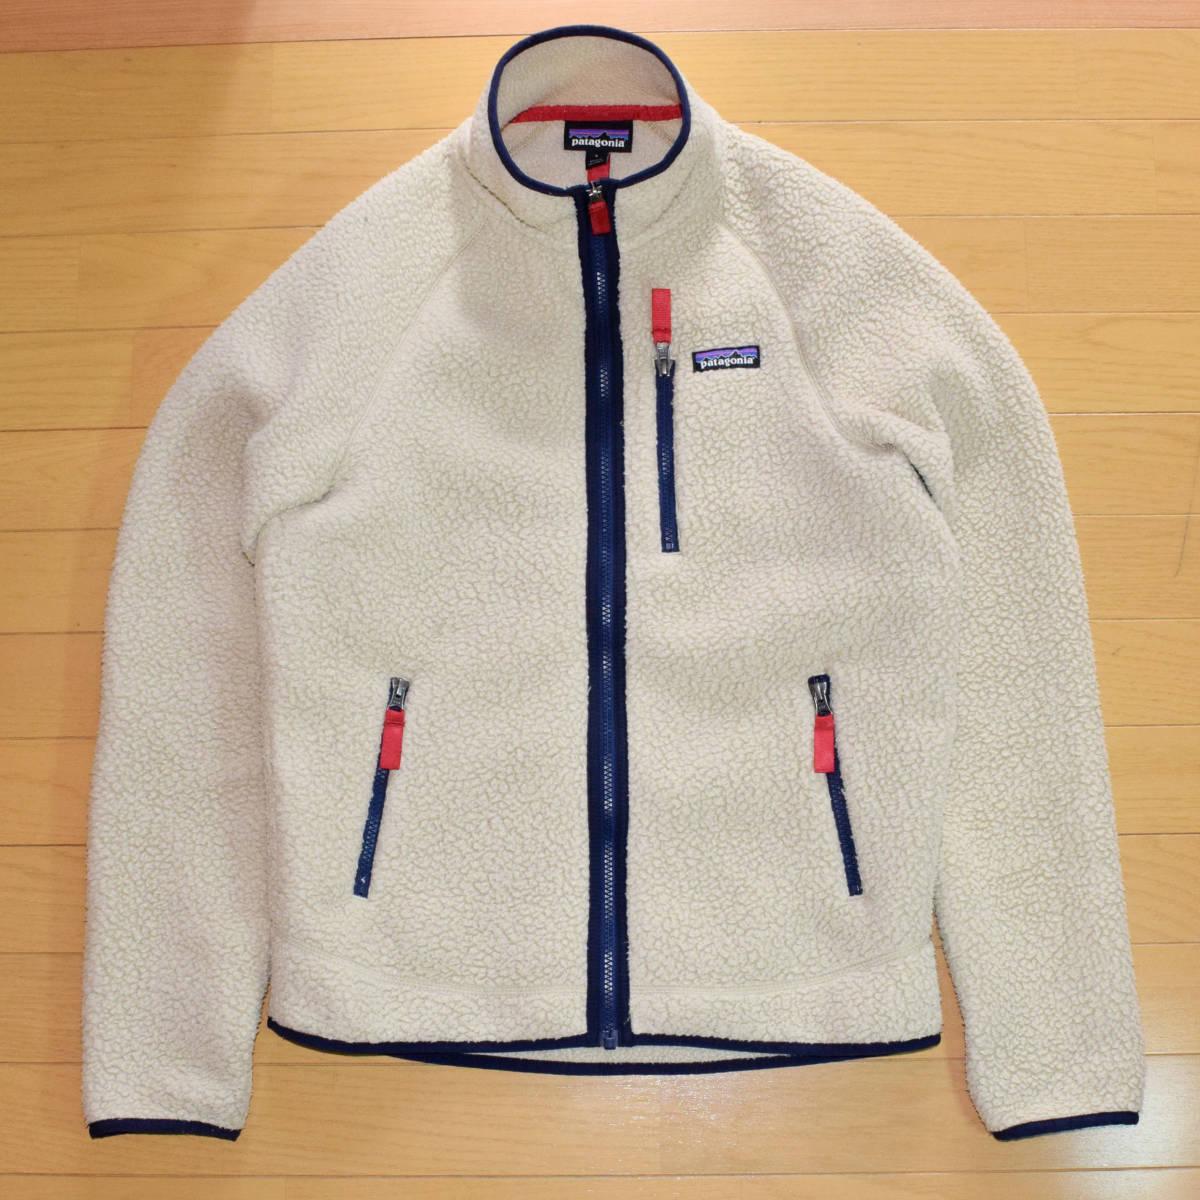 送料無料!人気カラー patagonia パタゴニア MEN'S retro pile jacket S サイズ レトロパイル ジャケット レトロX 希少22800FA18 ELKH